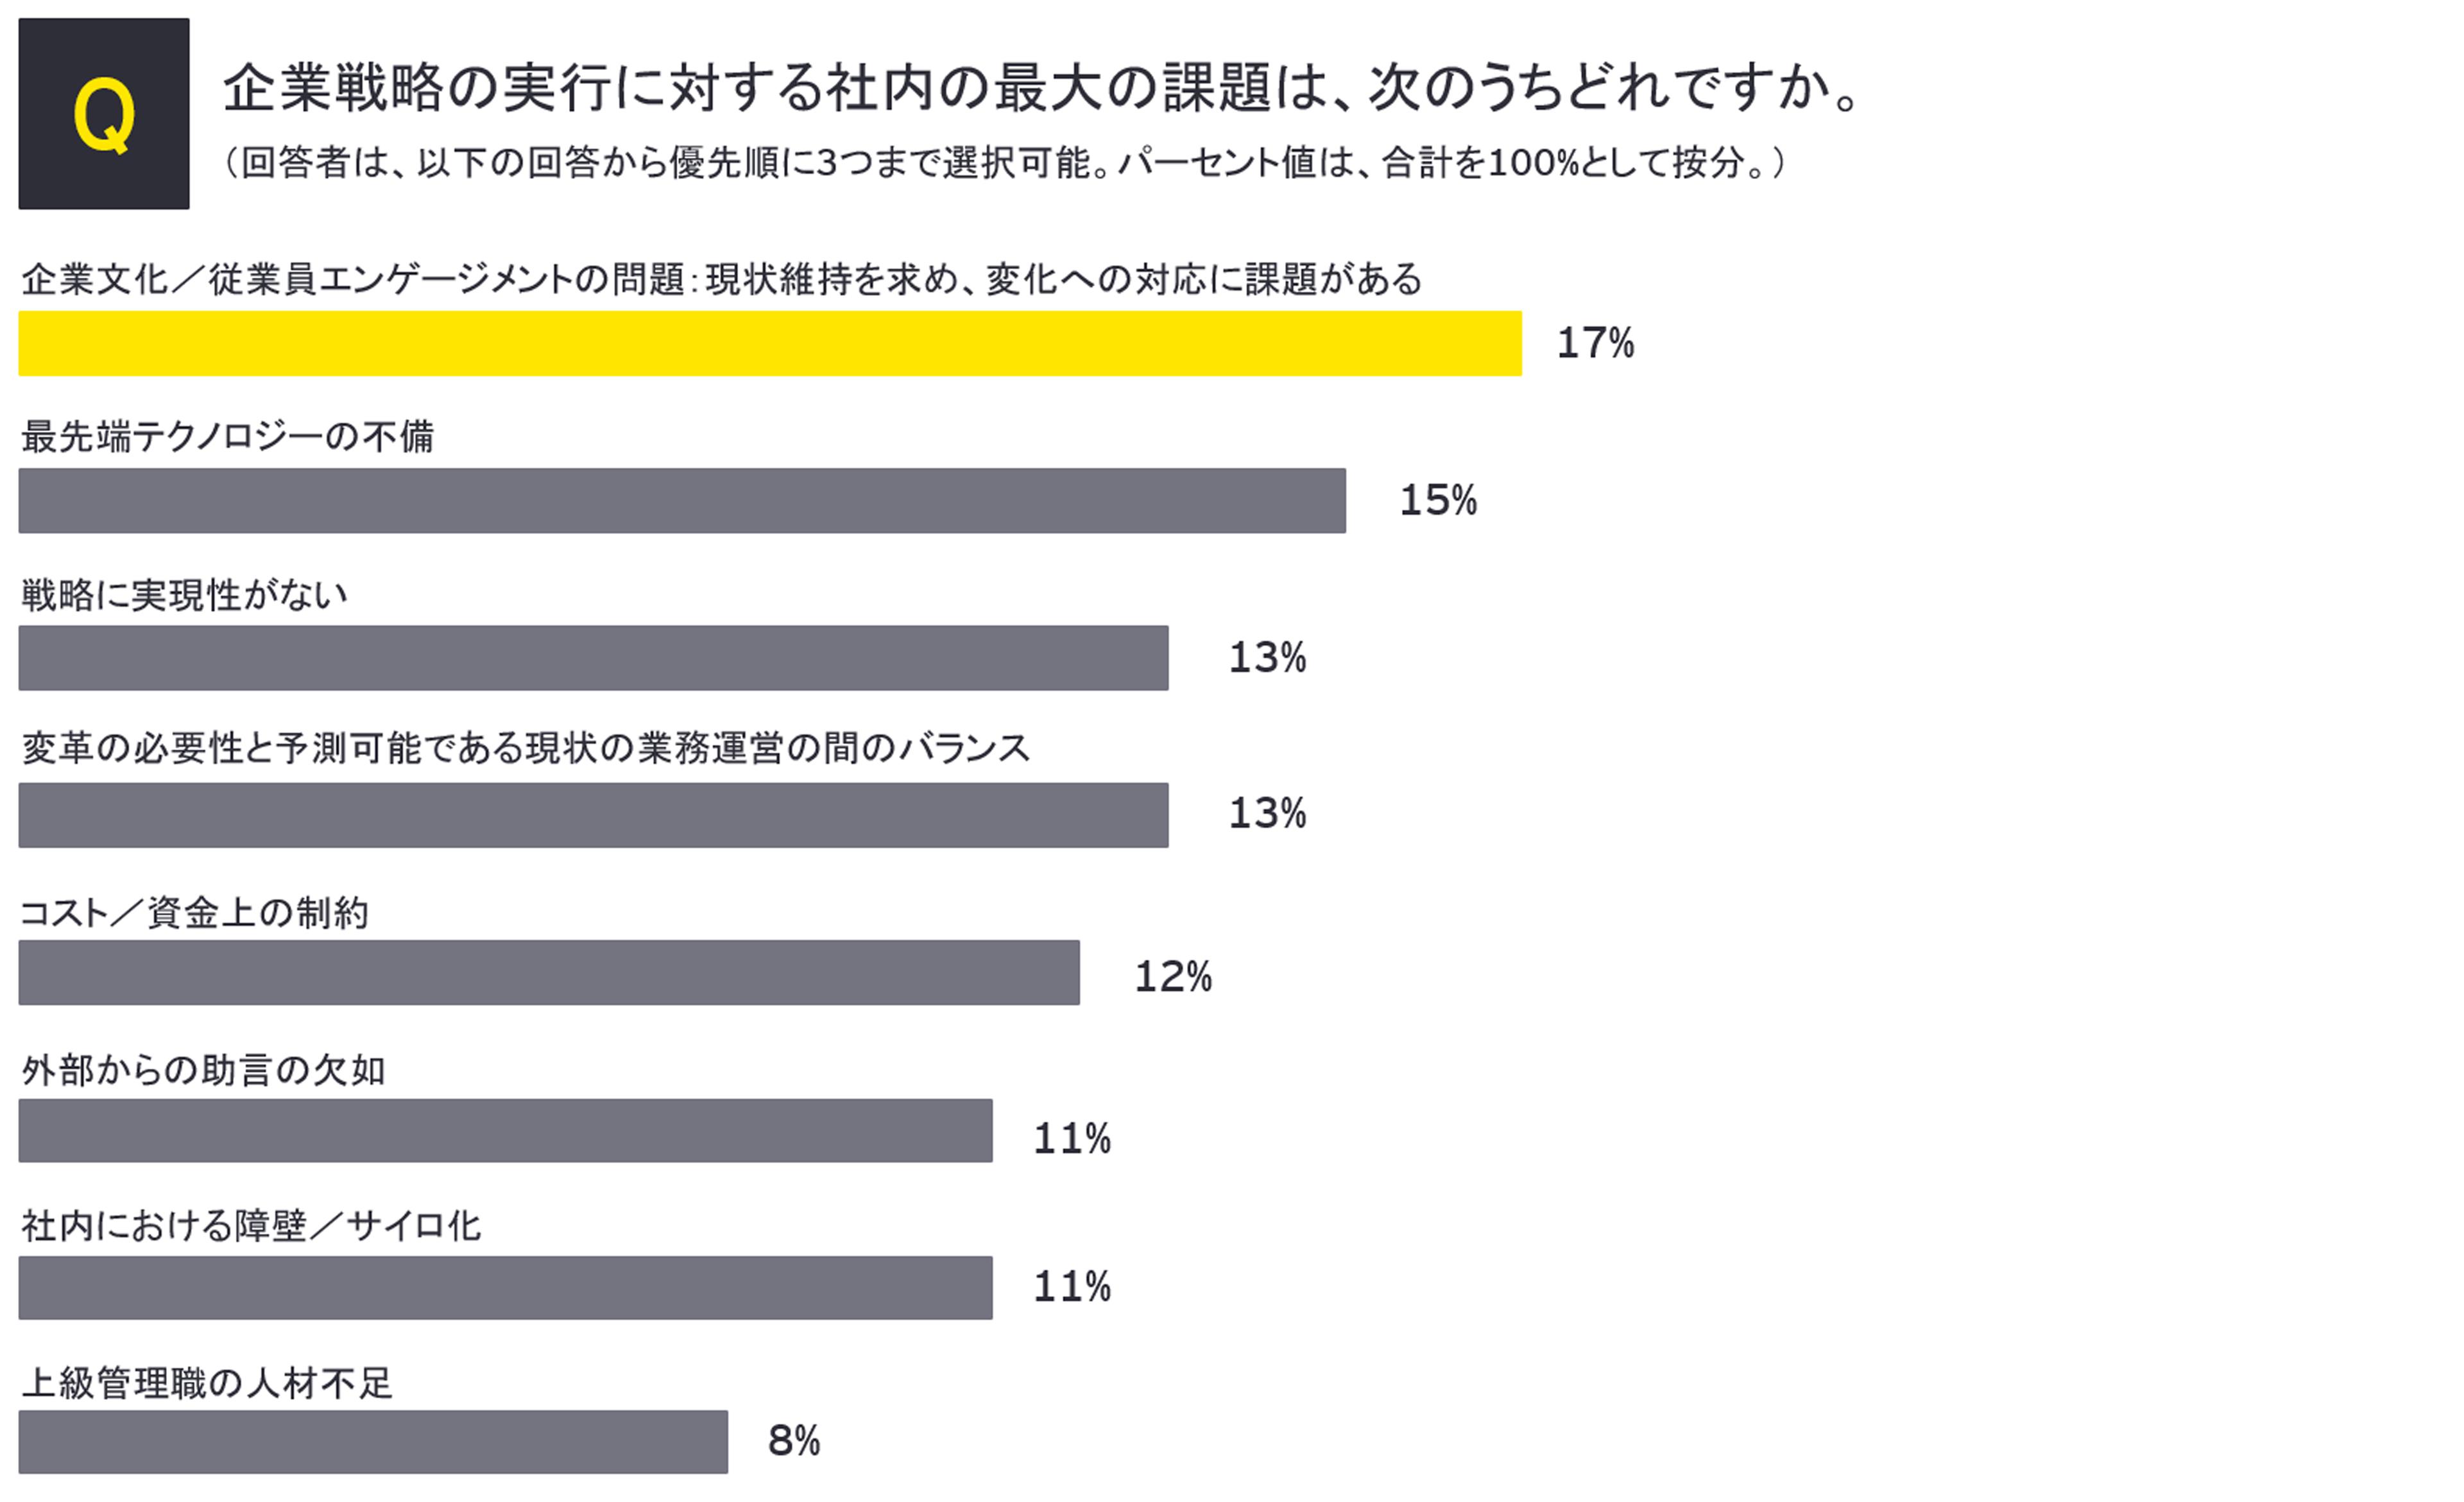 M&A調査:企業戦略の実行に対する最大の社内の課題